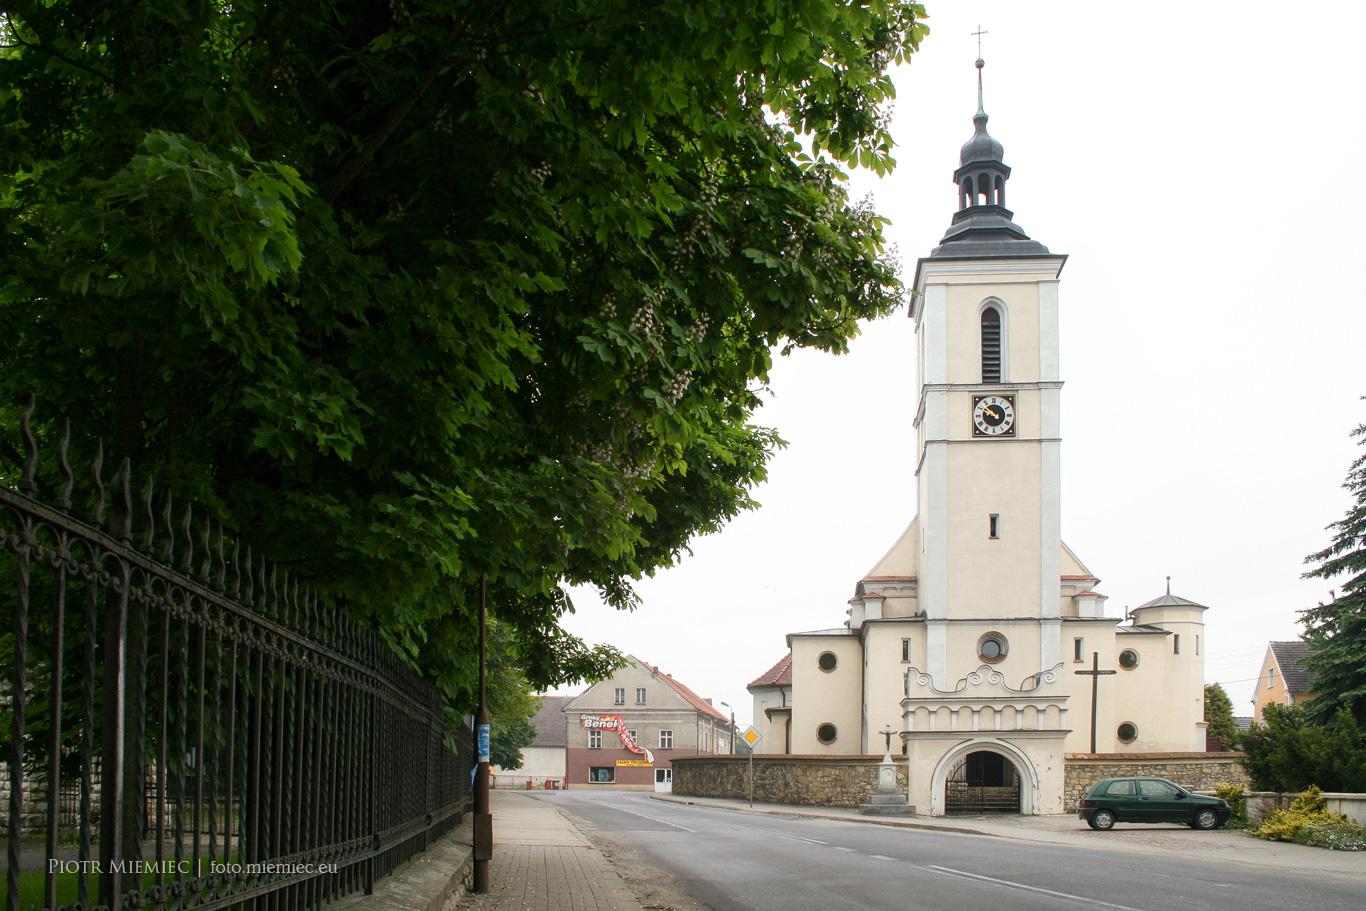 Kościół w Kujawach